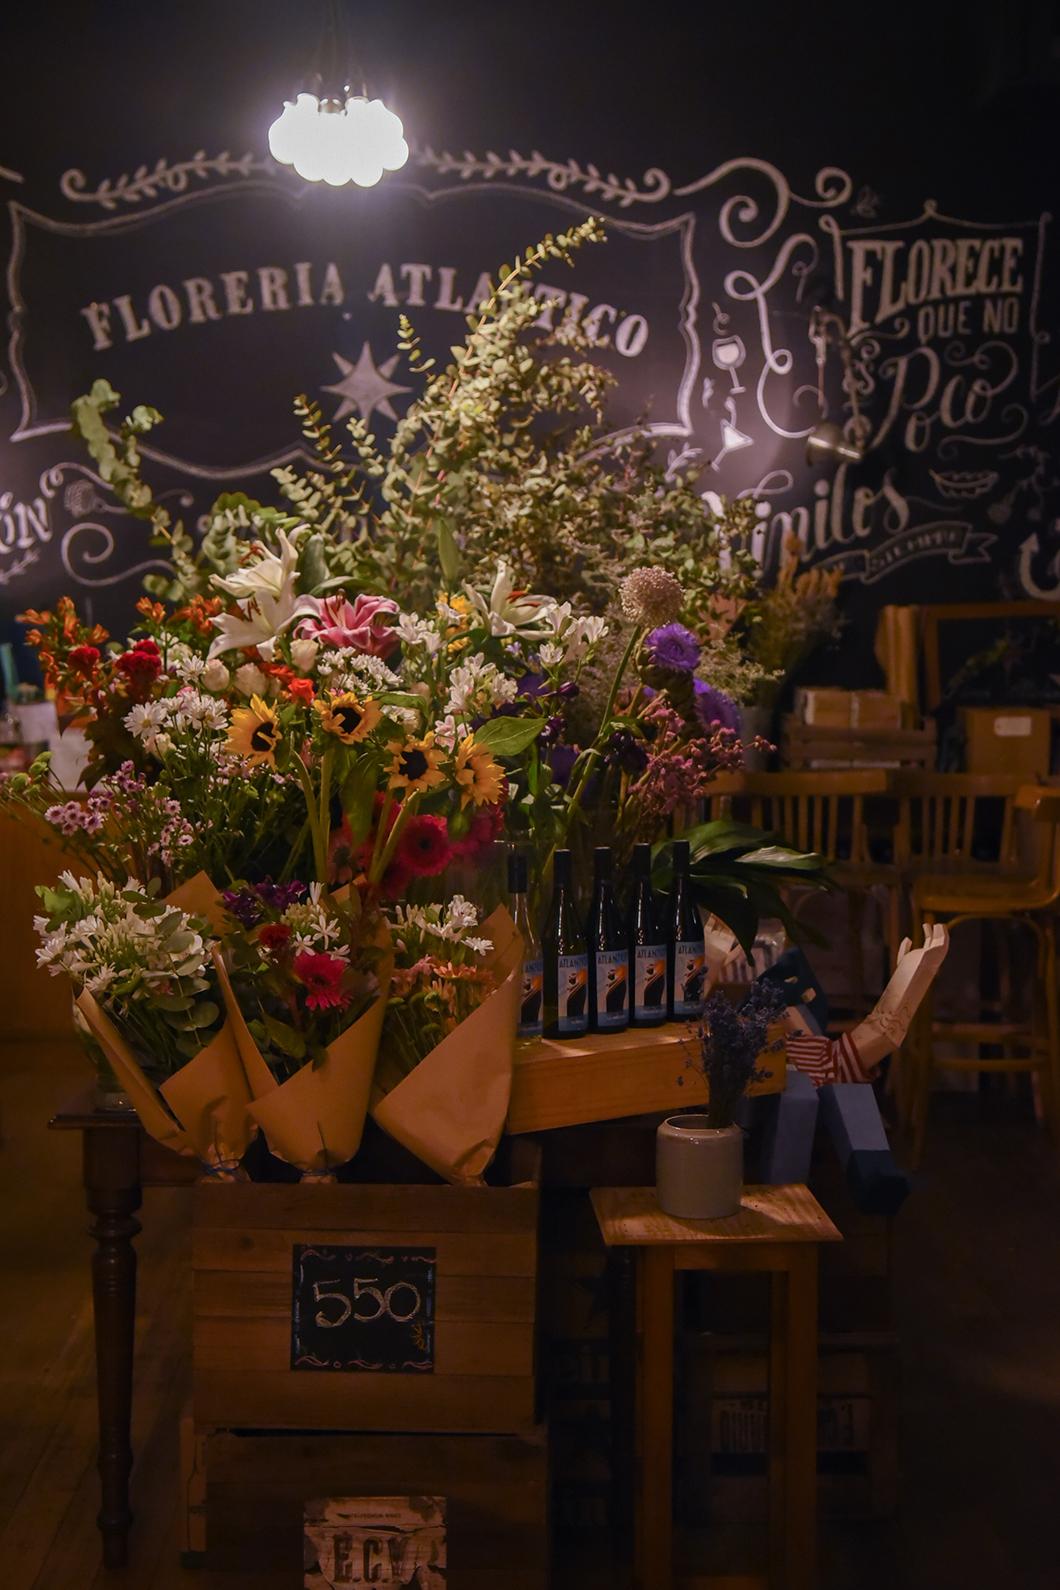 Florería Atlántico, un bar caché sous un fleuriste